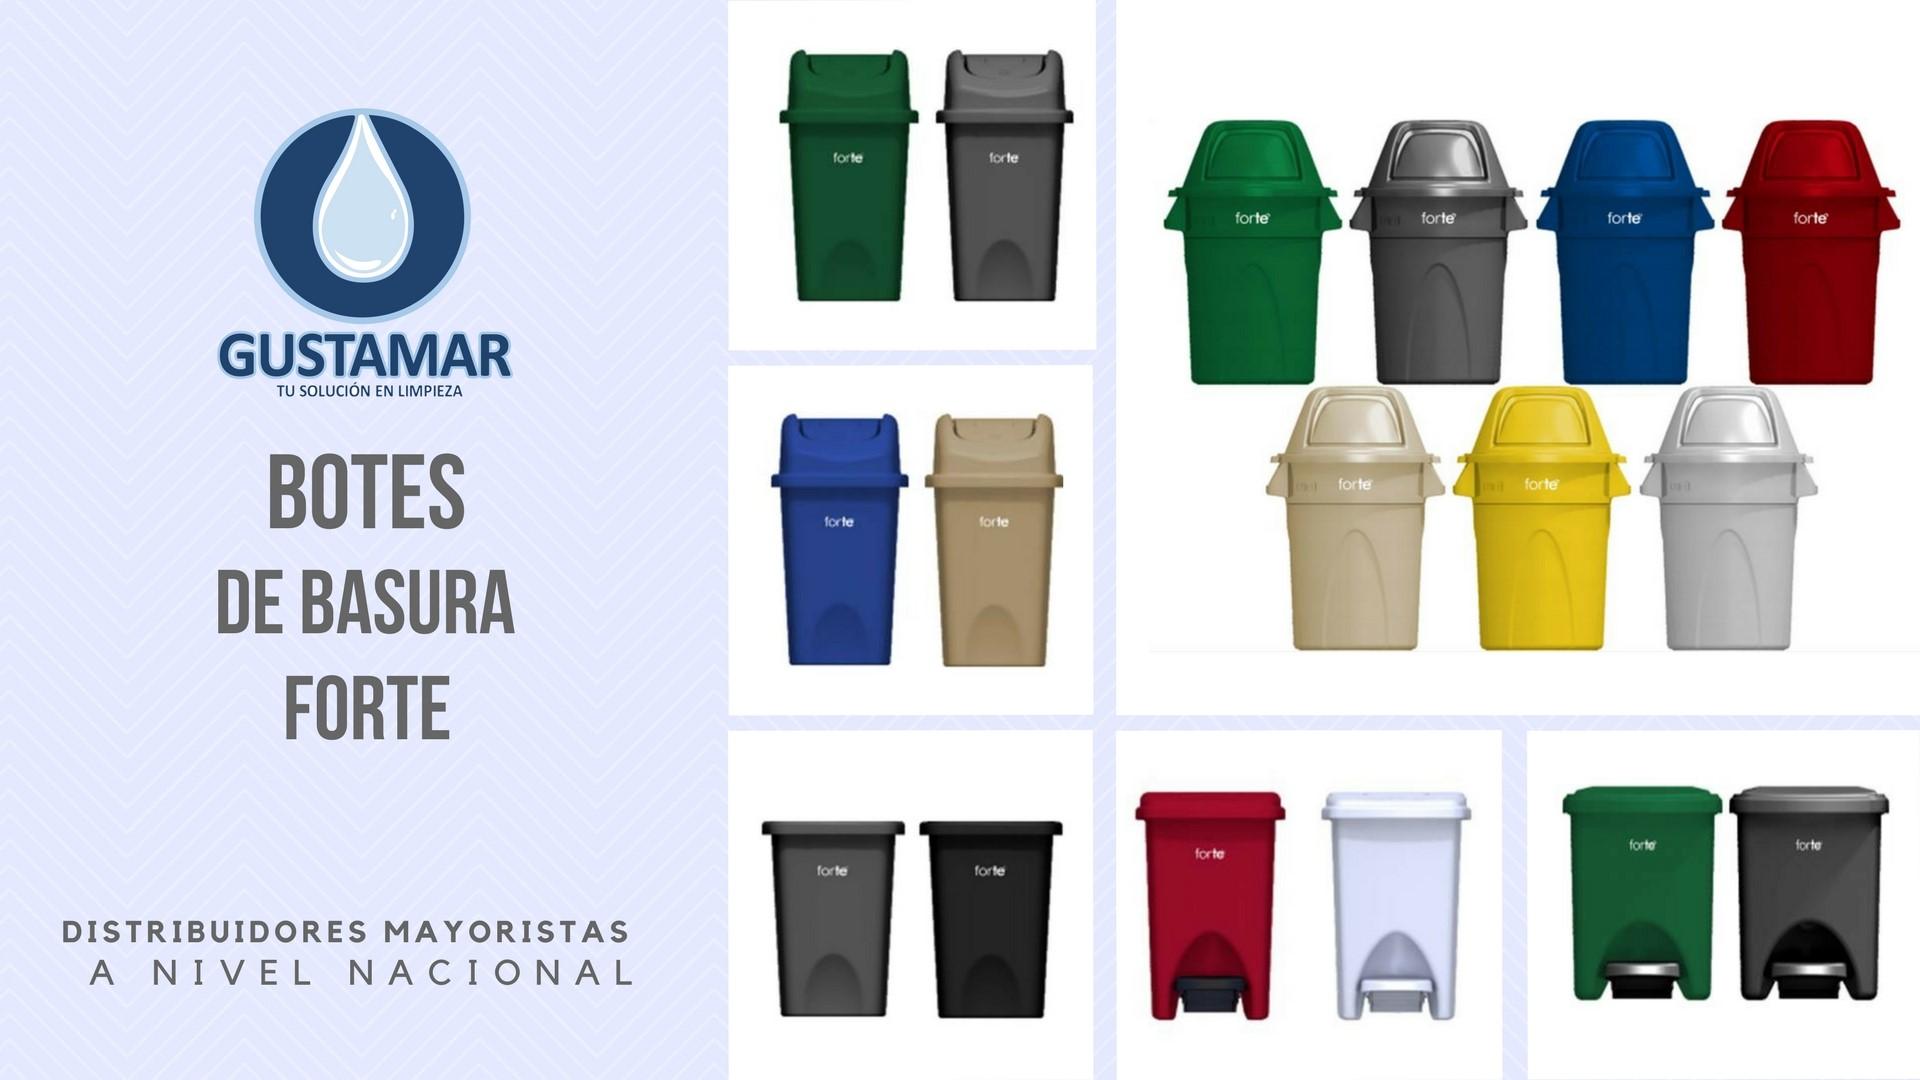 BOTES DE BASURA / BASUREROS FORTE